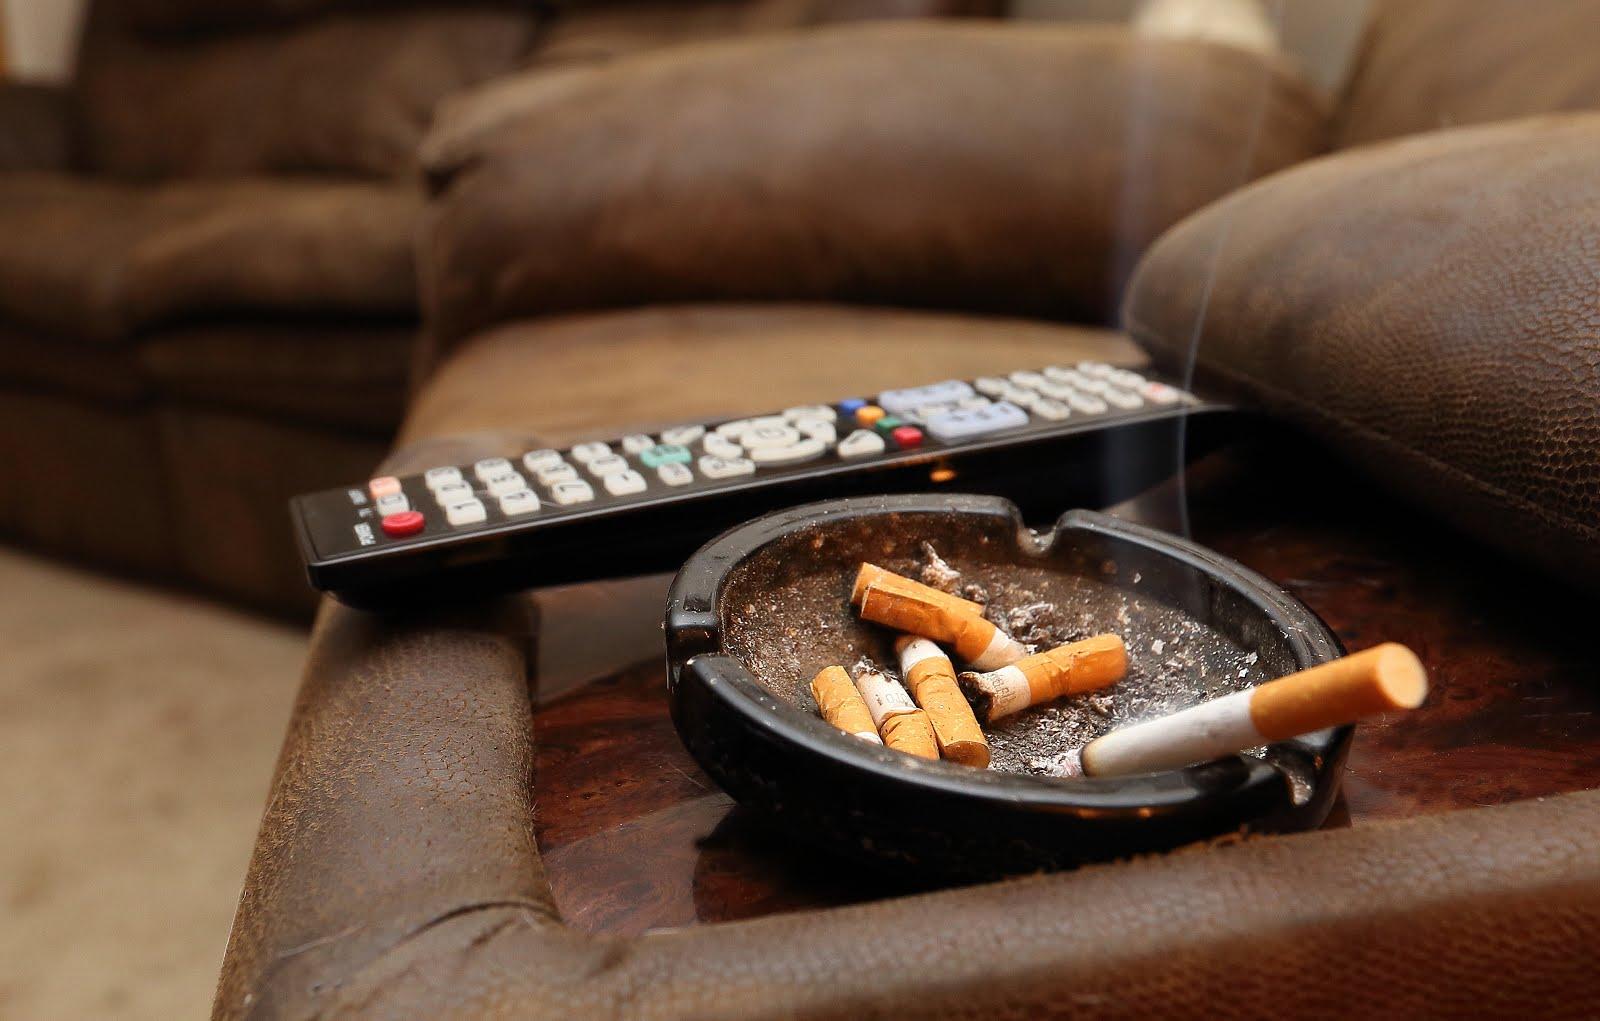 Способы правильного устранения запаха табака в квартире.